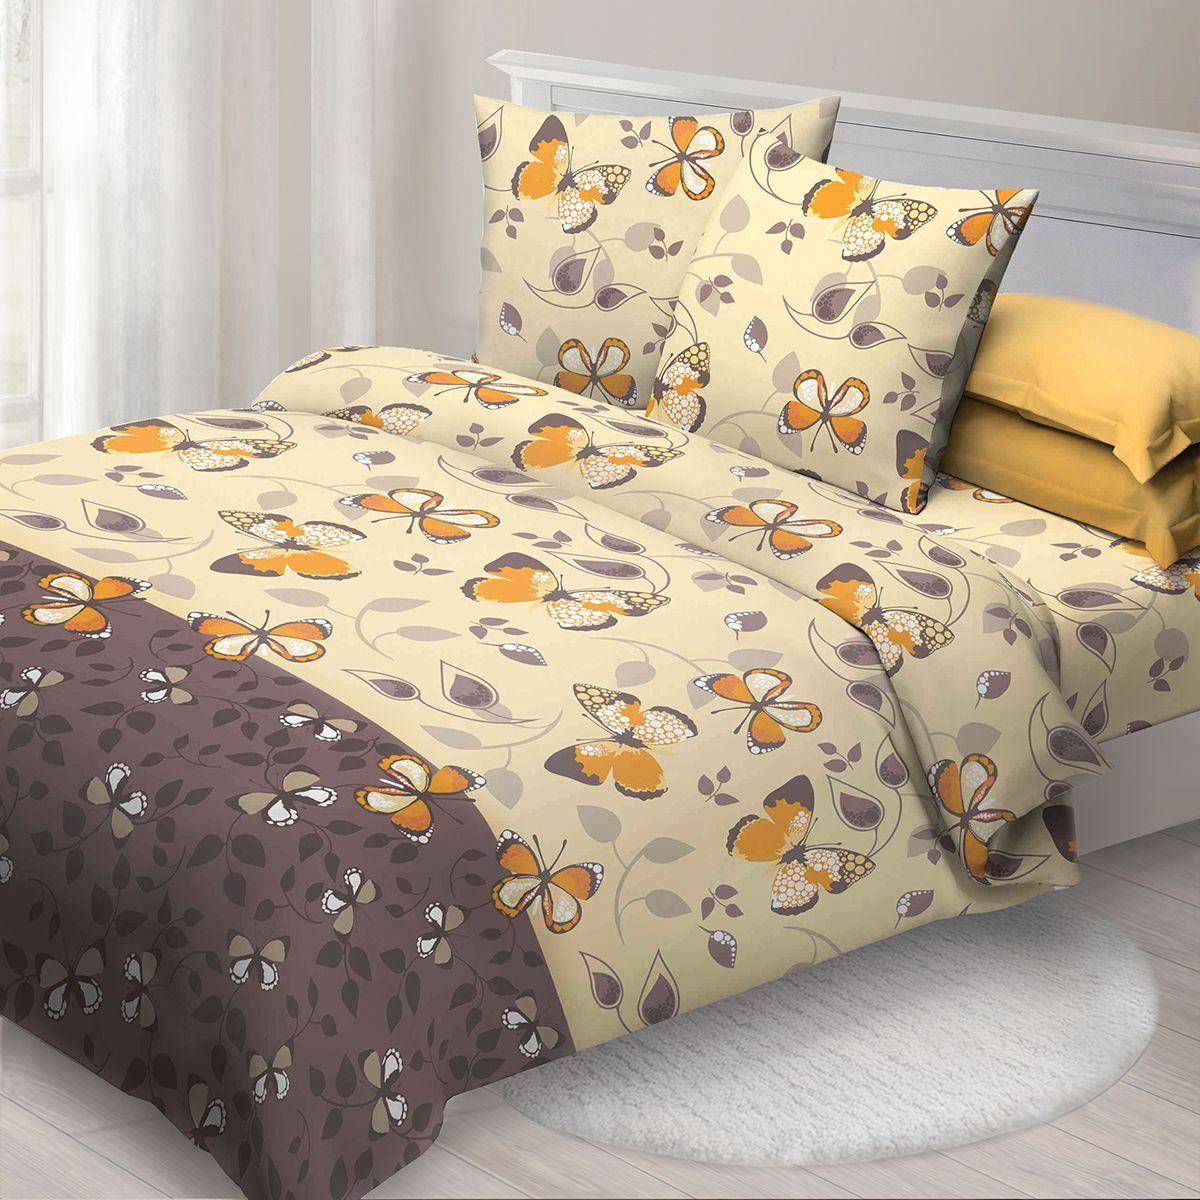 Комплект белья Спал Спалыч Фарфалла, 2-х спальное, наволочки 70x70, цвет: желтый. 4079-182452